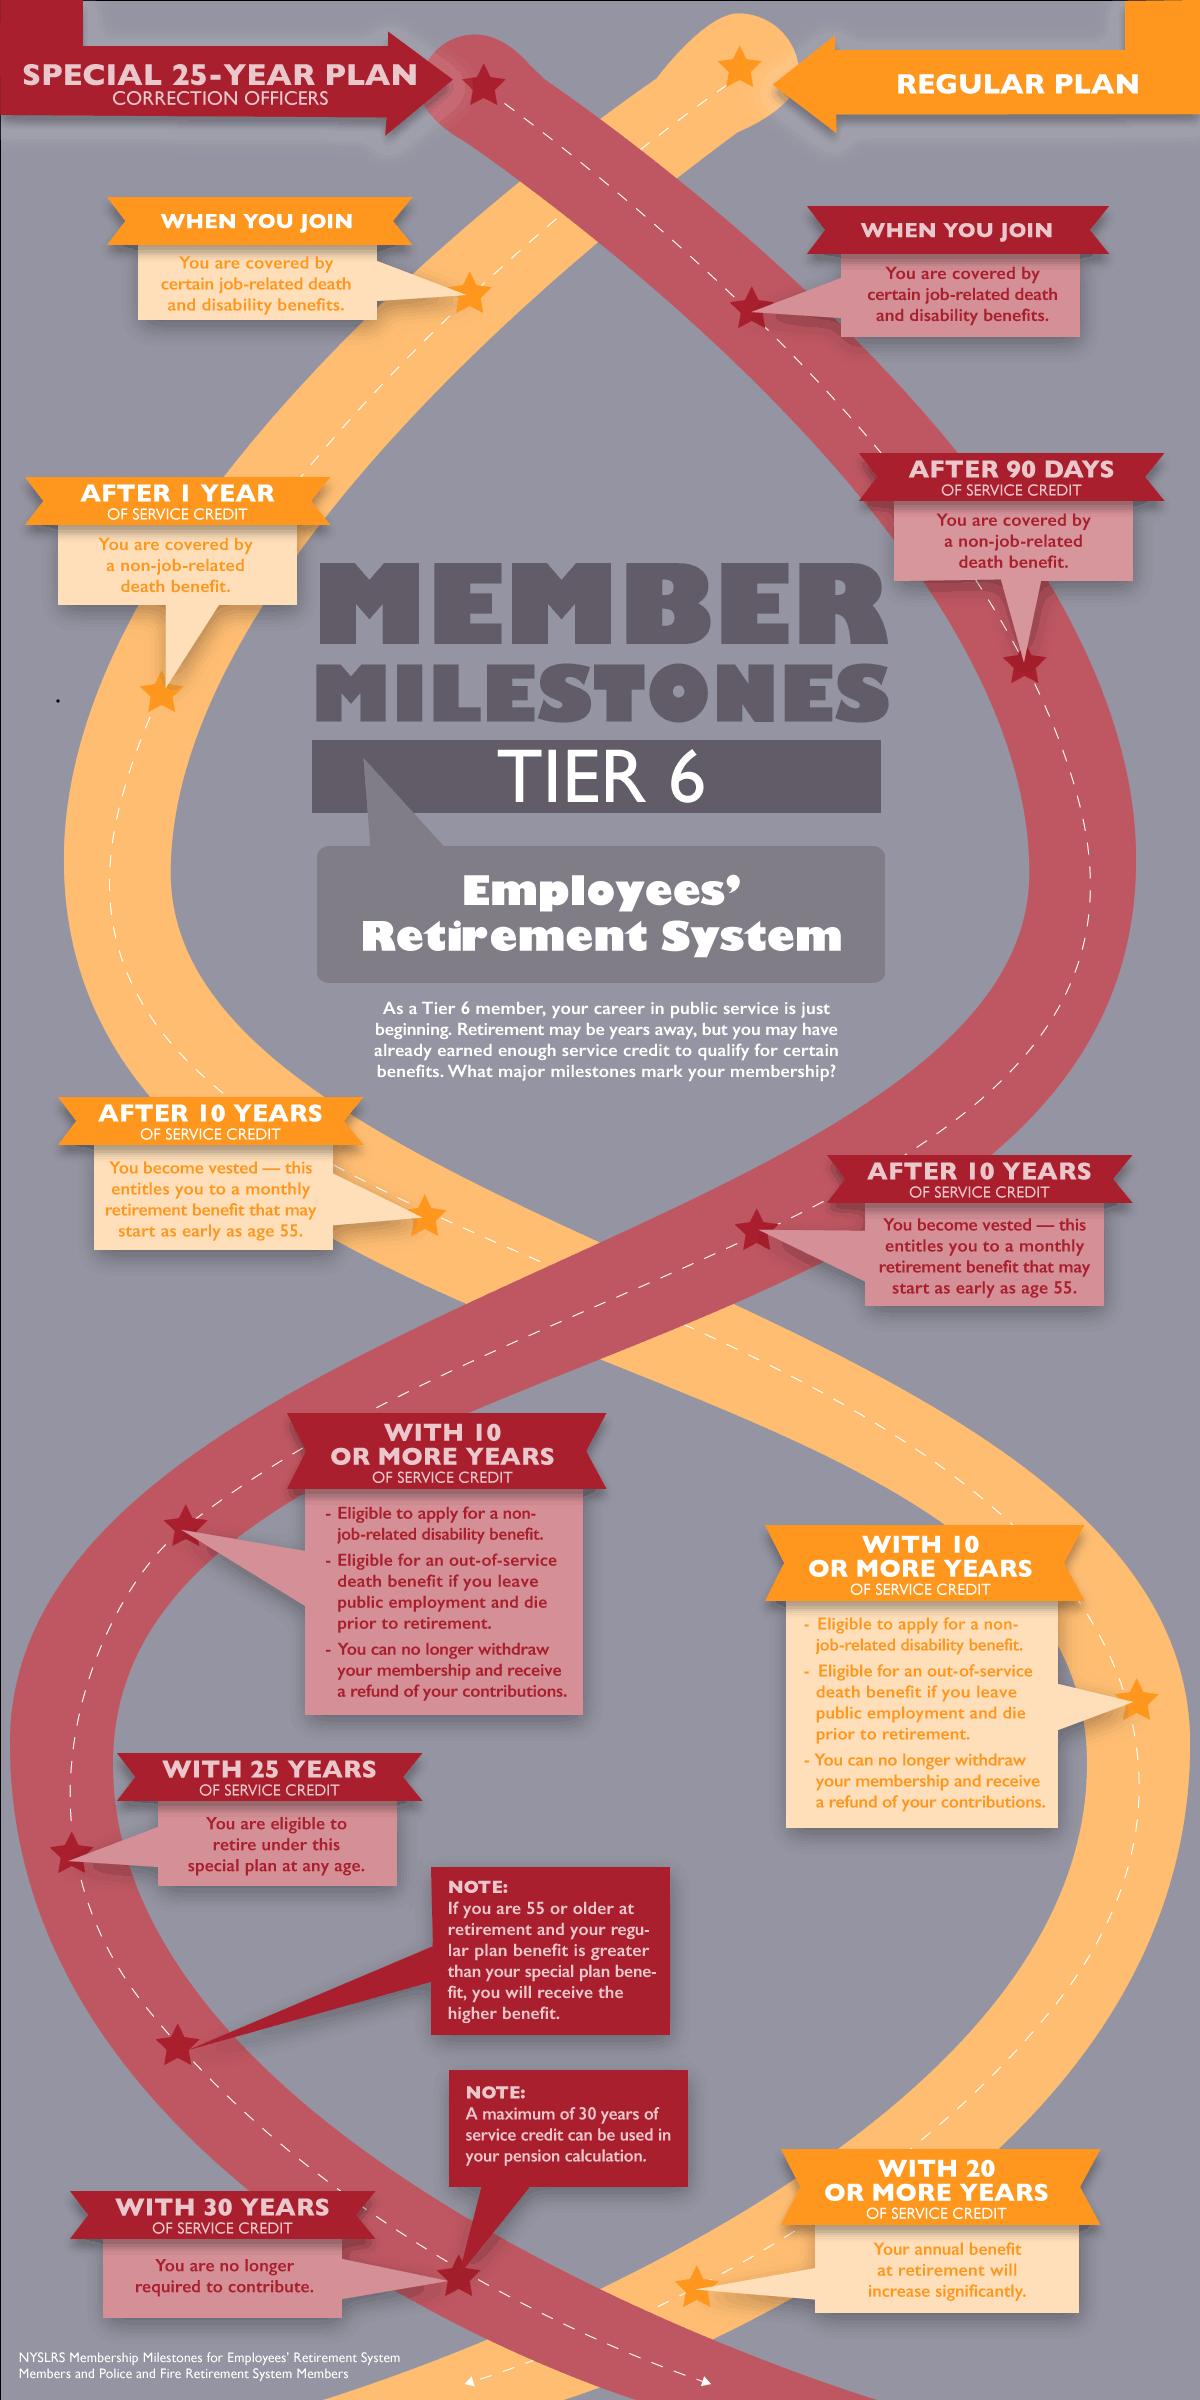 ERS Tier 6 Member Milestones